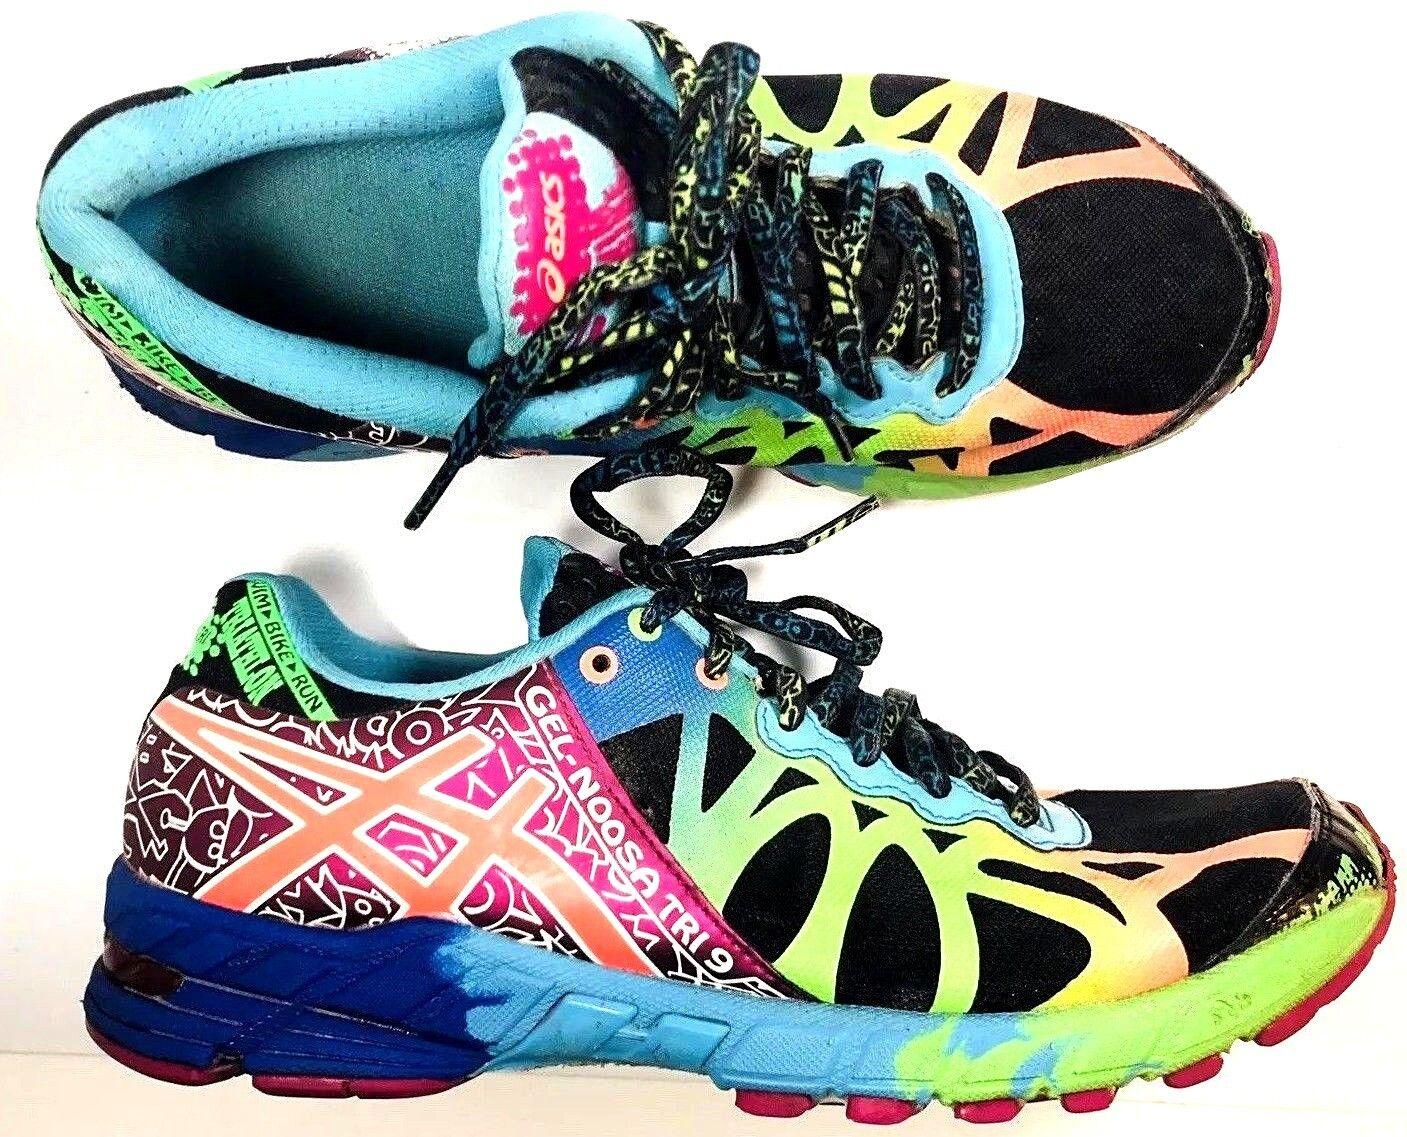 Asics Gel Noosa Tri 9 para Mujer Mujer Mujer MultiColor maratón Zapato de correr TALLA 8 T458N  promociones emocionantes